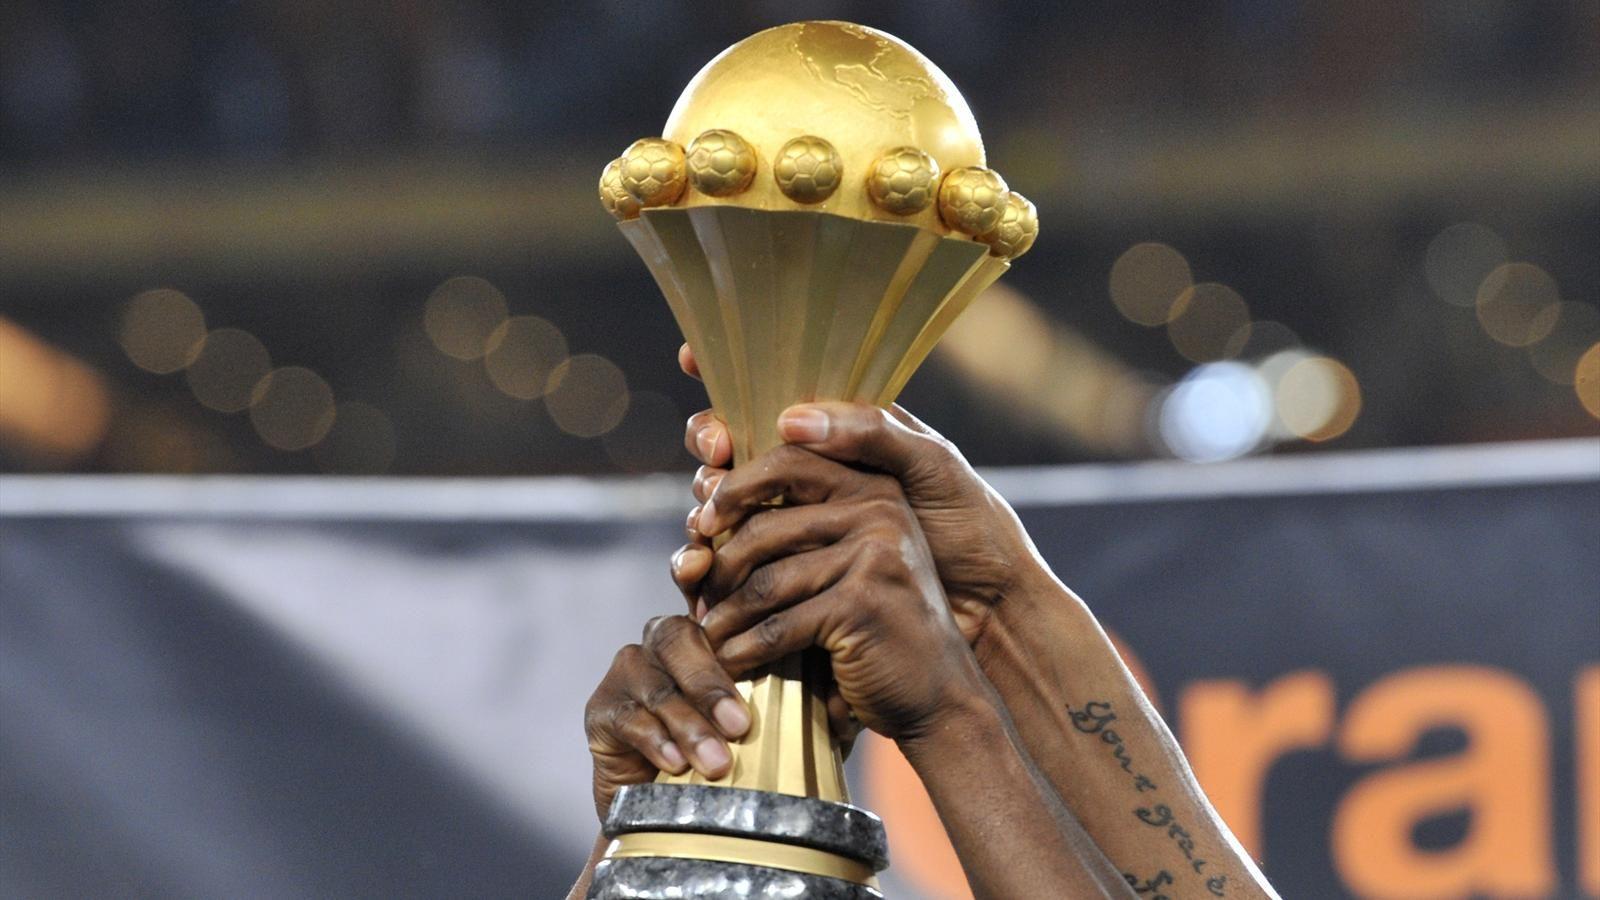 كأس إفريقيا: الجزائر تنافس المغرب في حال سحب التنظيم من الكامرون